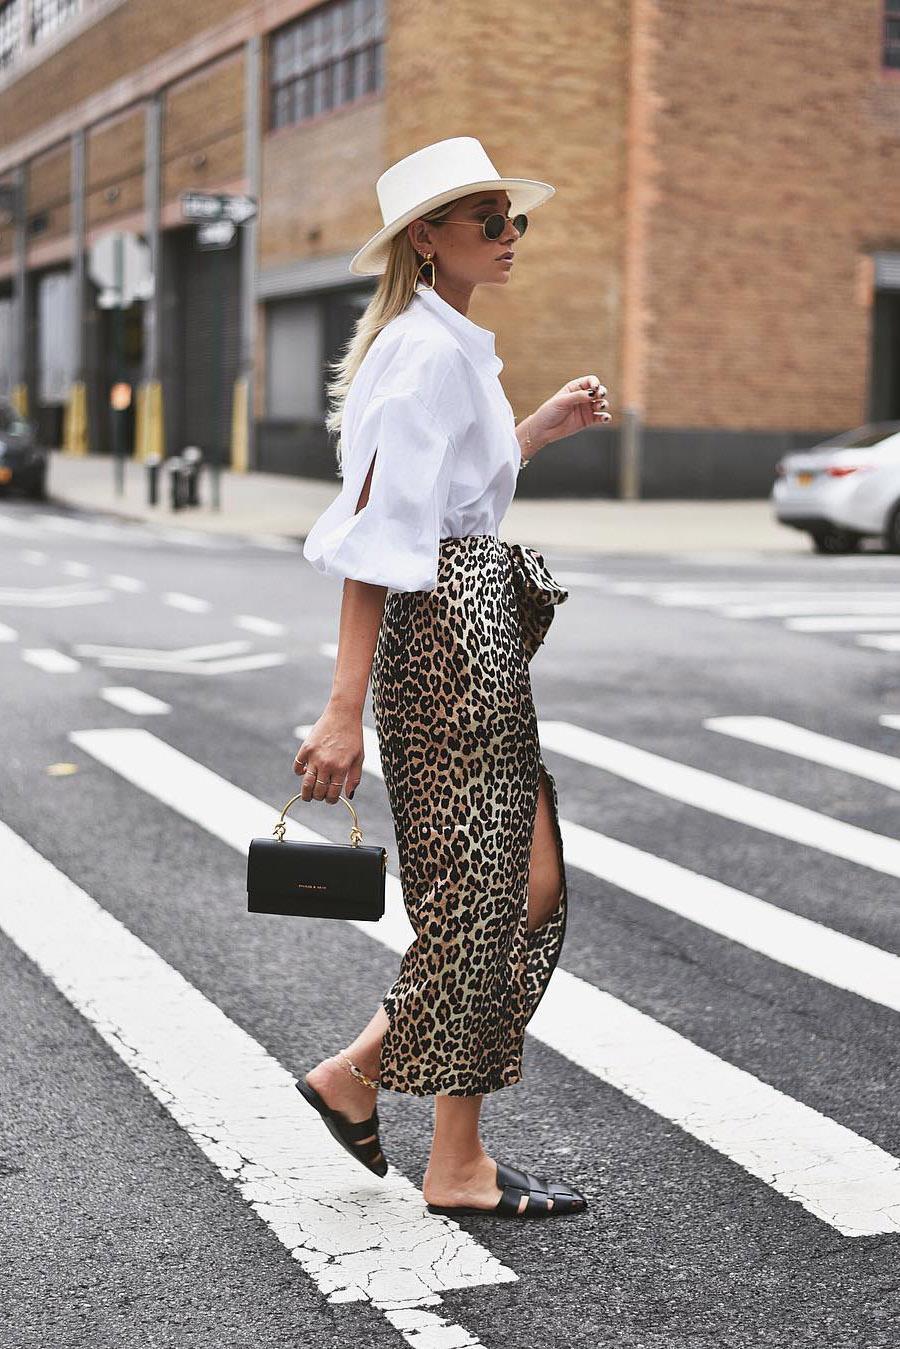 b8d340b3b Faldas de moda de leopardo, pitón, cebra: cómo llevarlas con estilo ...